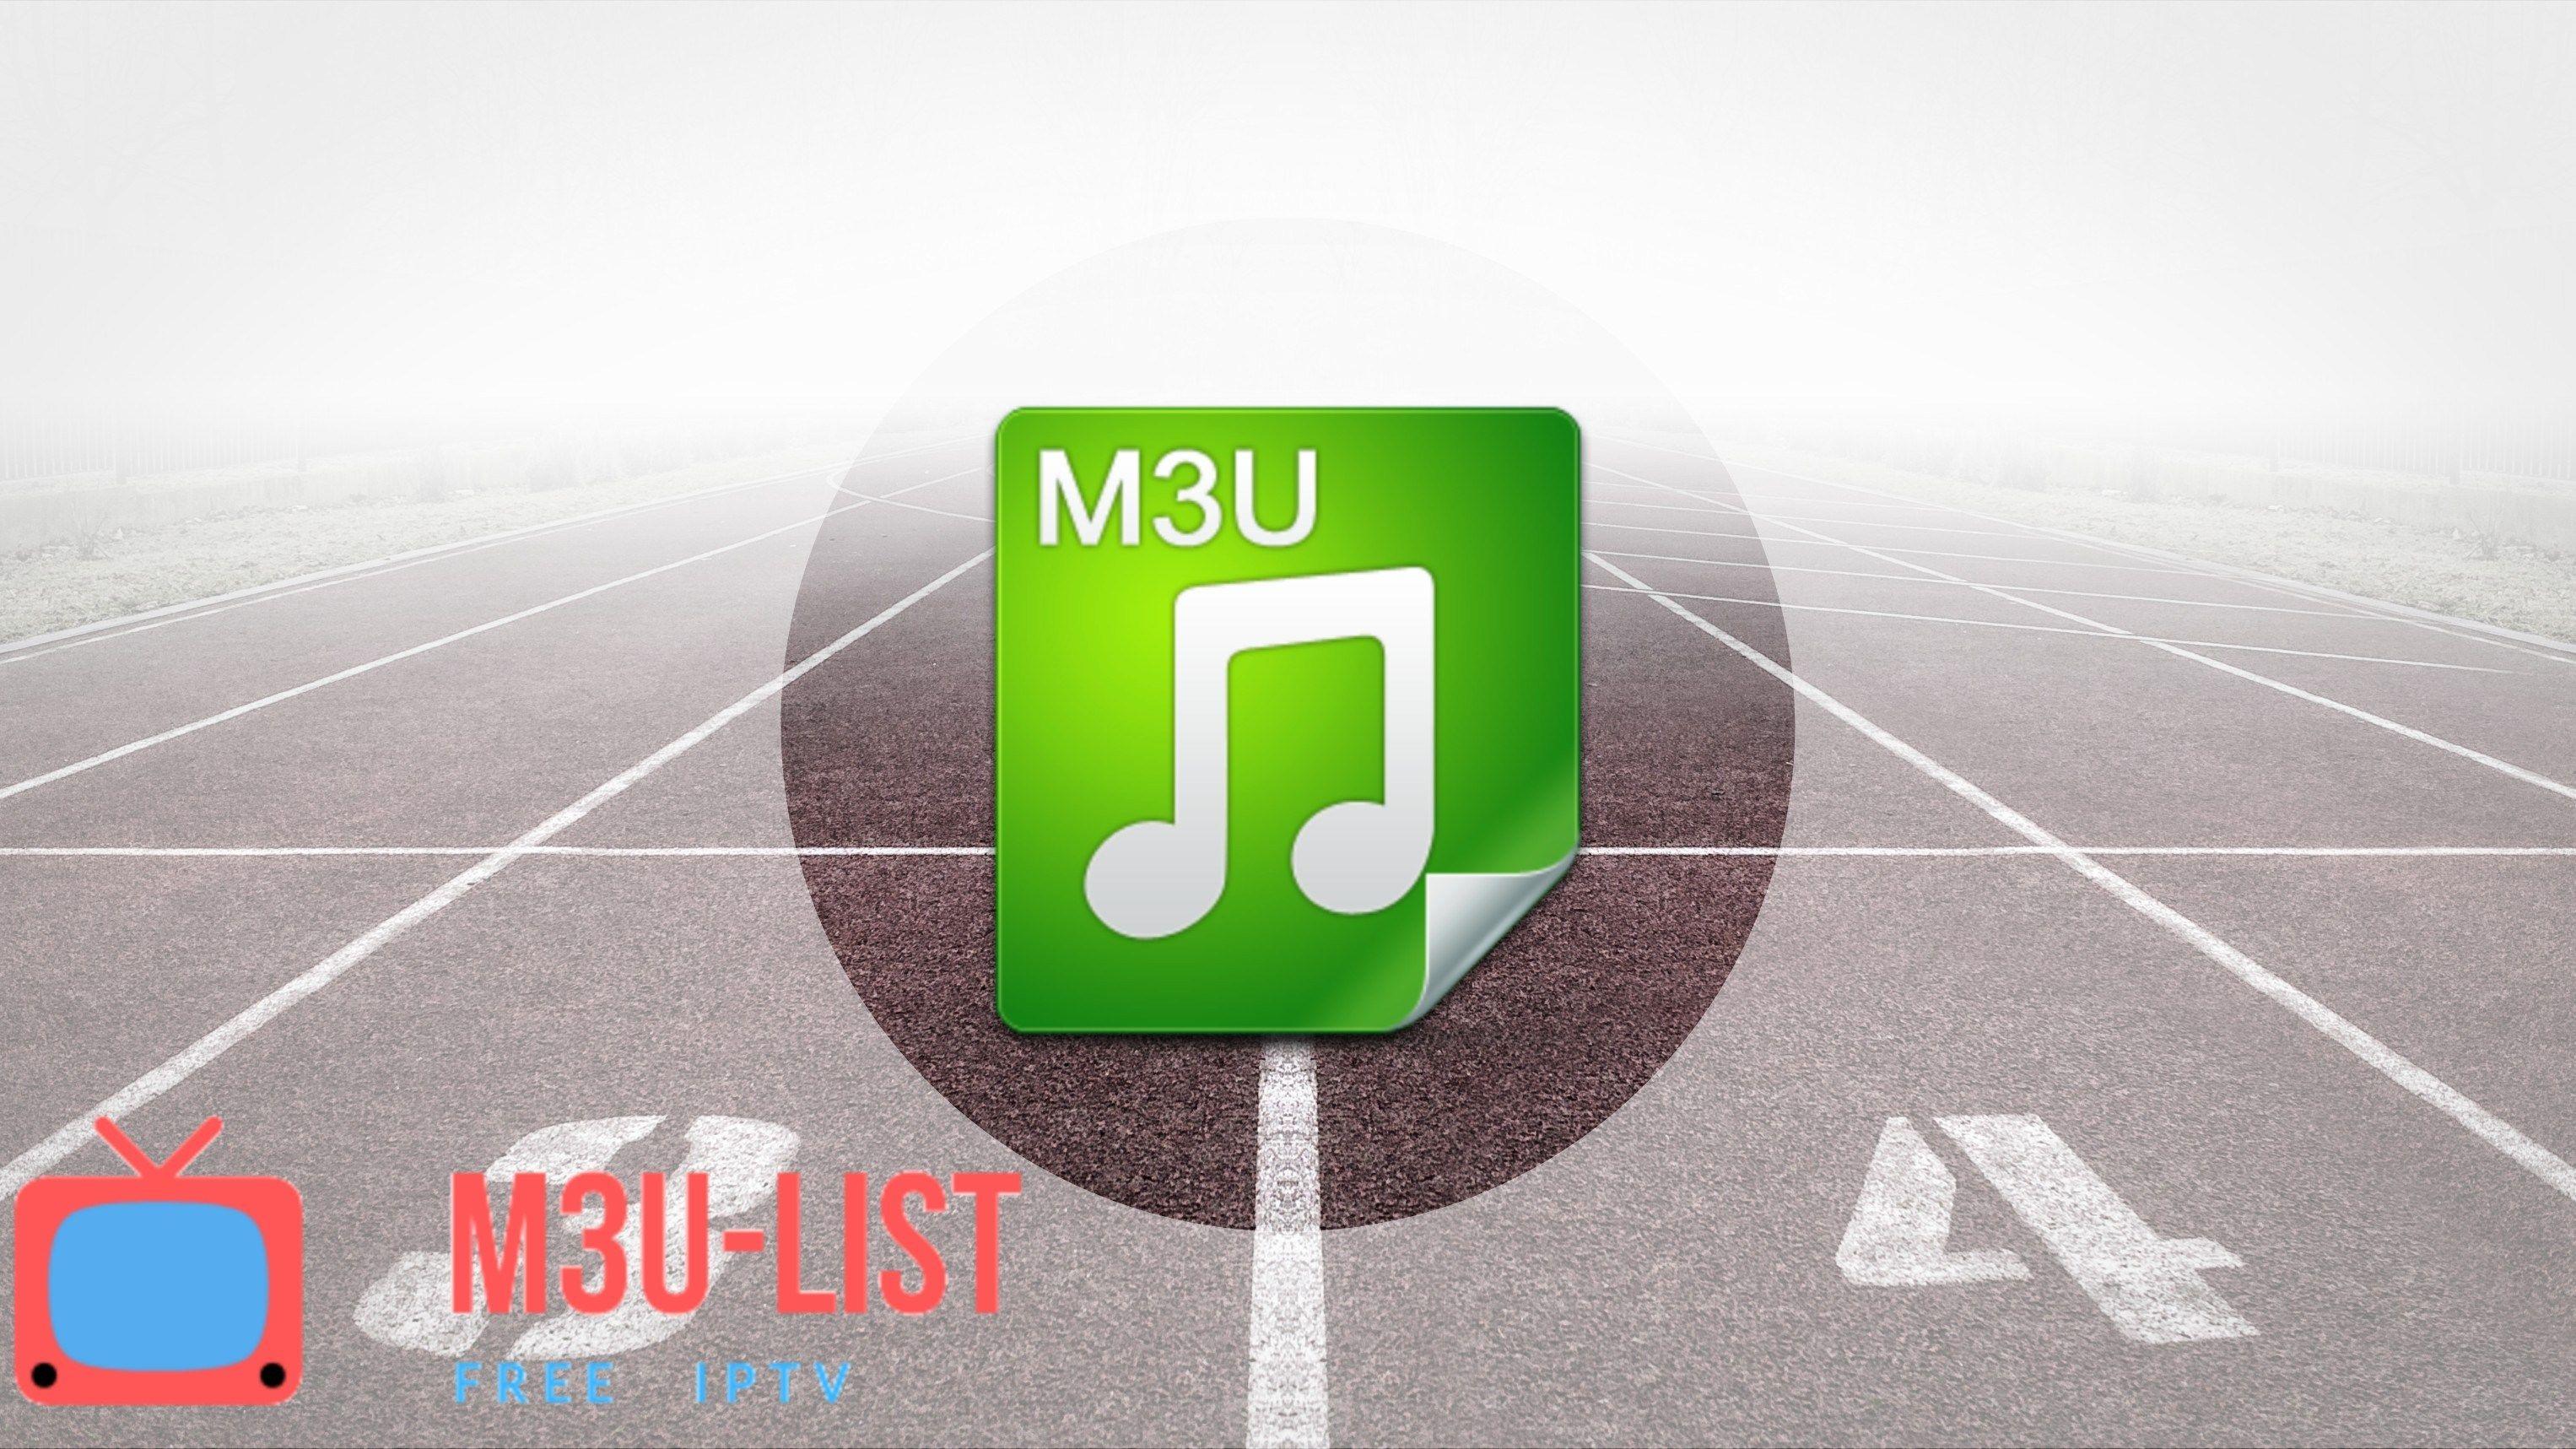 m3u links daily updates m3u playlist,iptv links ,iptv m3u